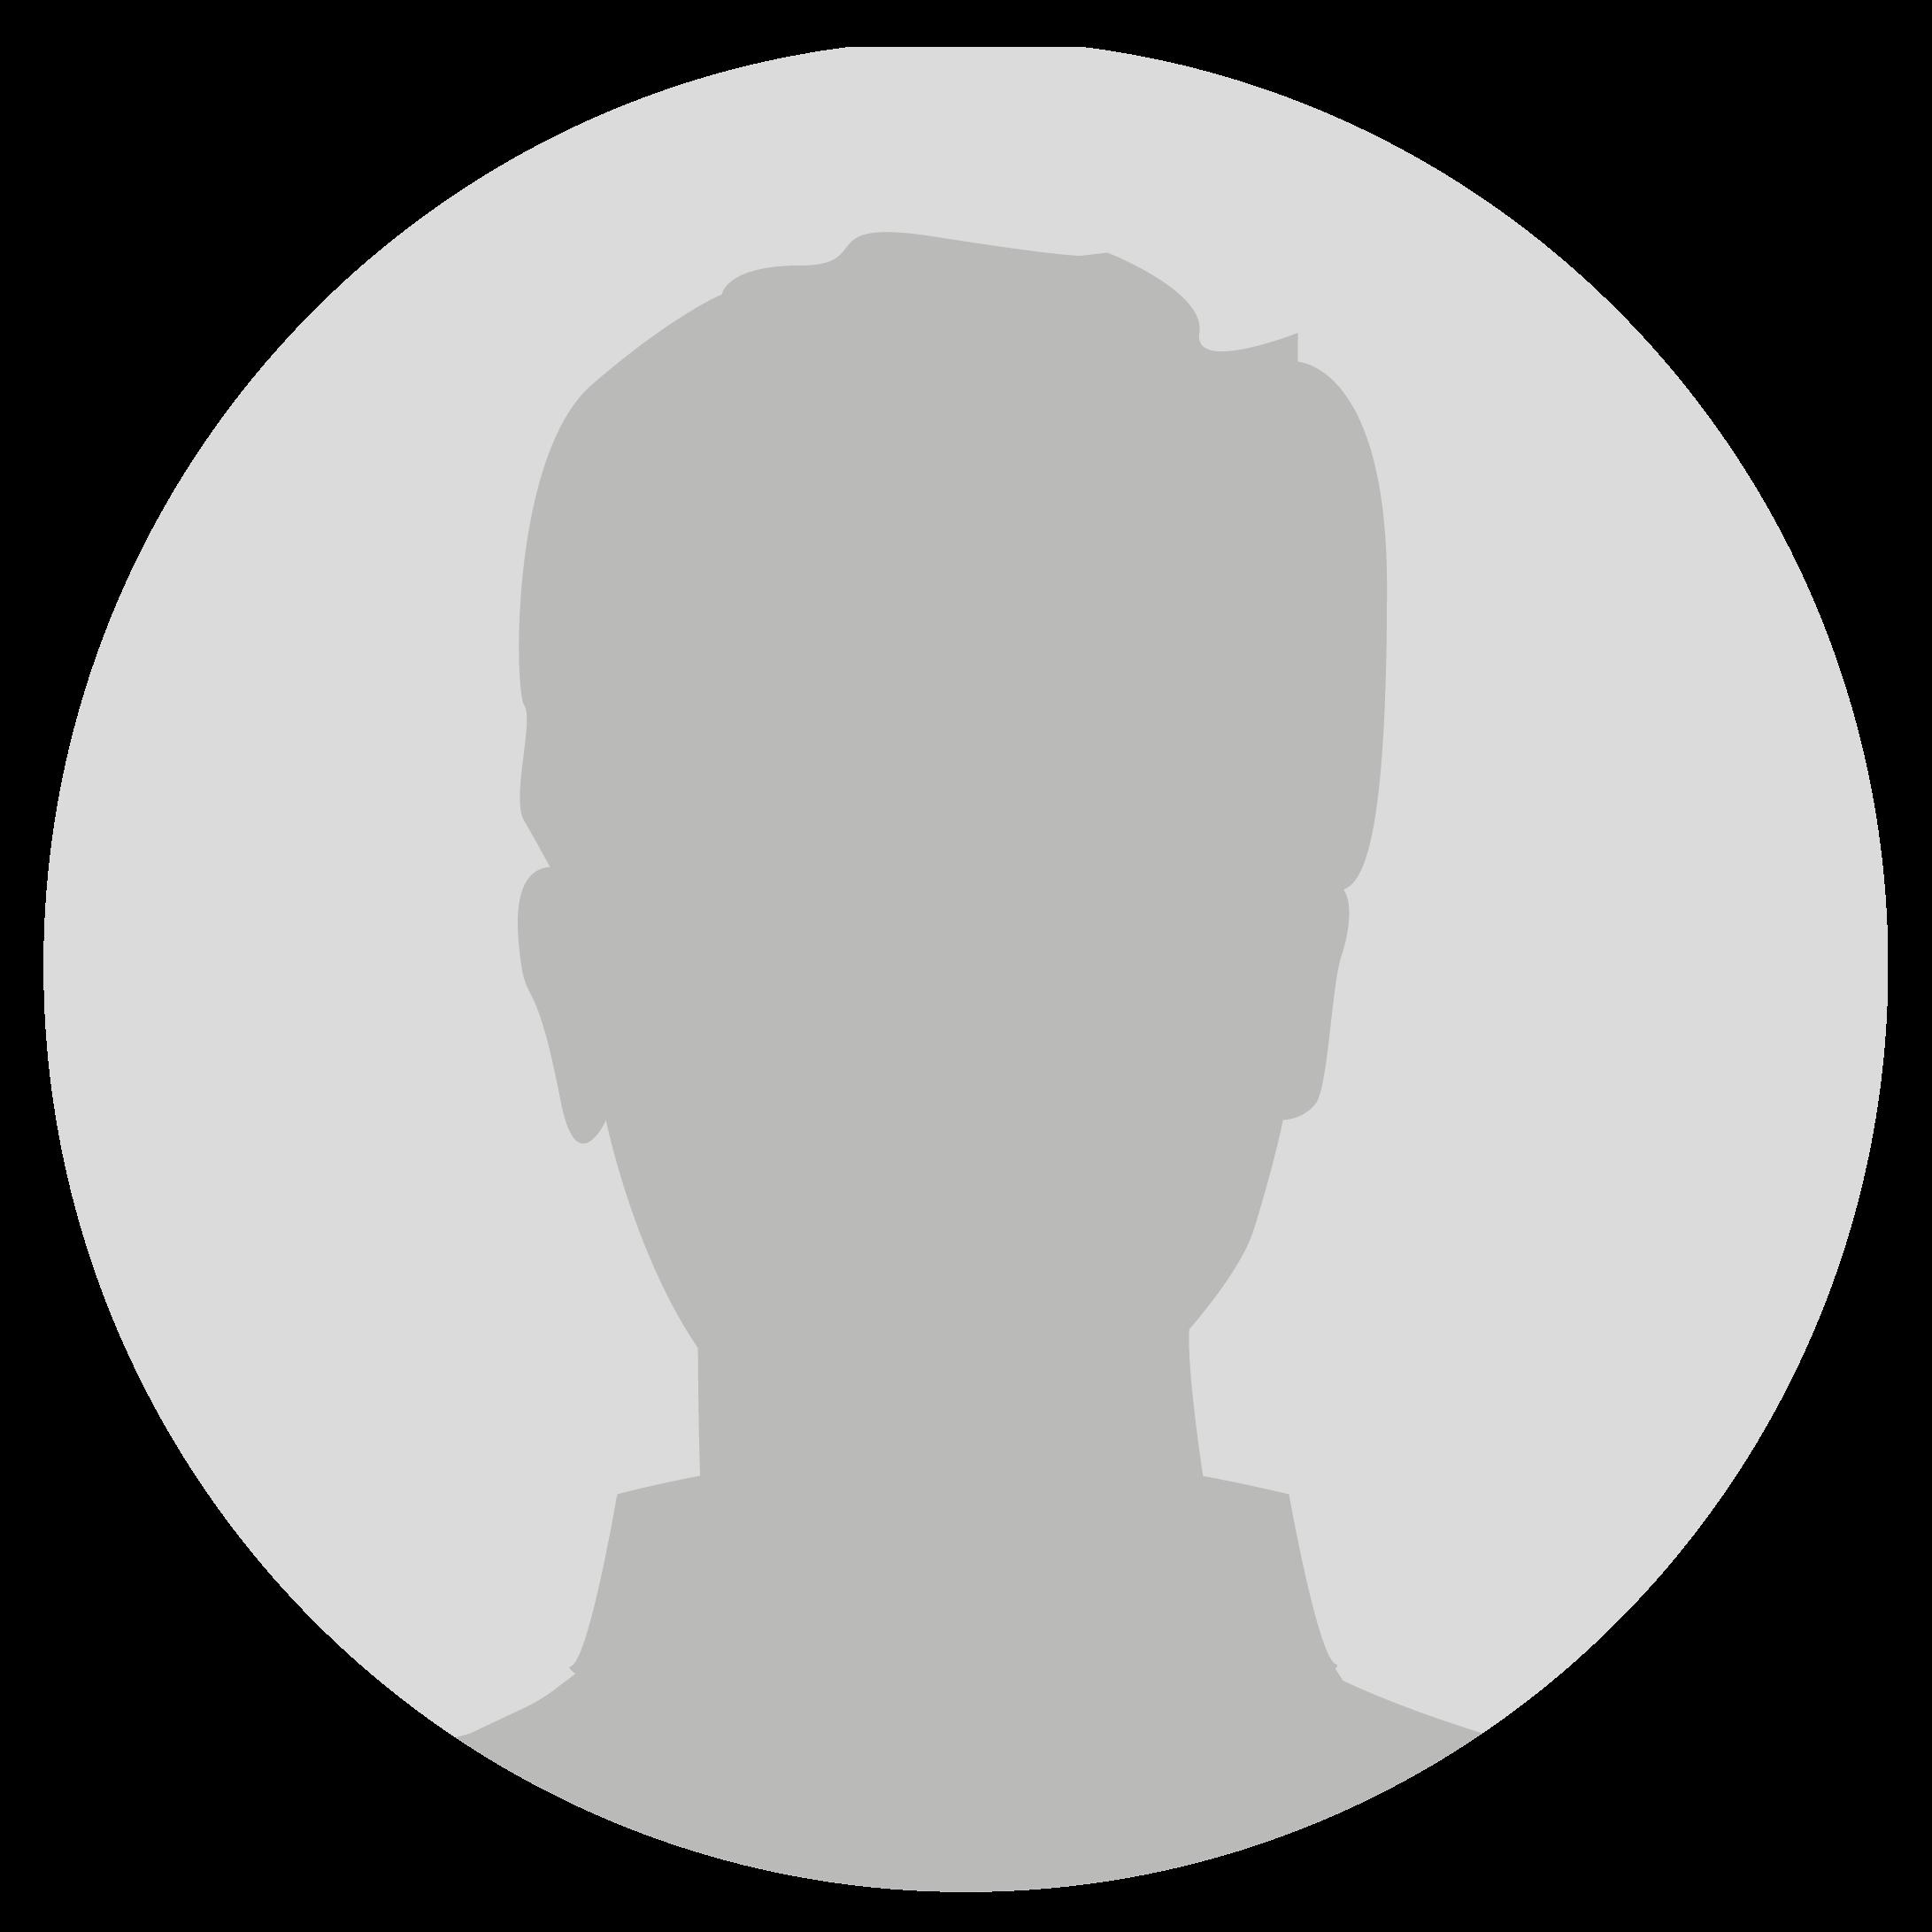 Базовая и расширенная диагностика аватар 2